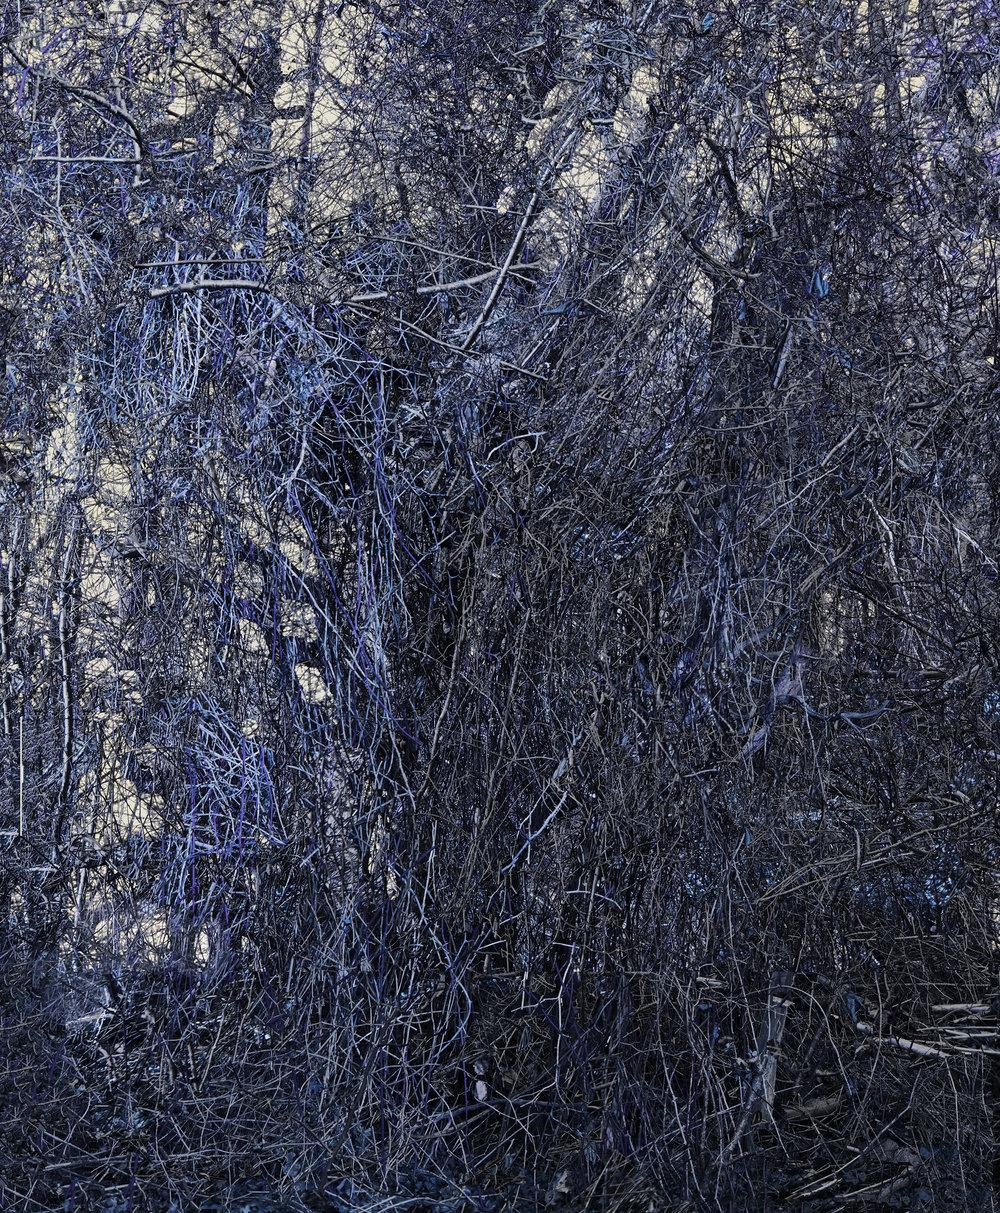 Invasive Species No. 2, Part 1, (Focus Stack, 9 Images)